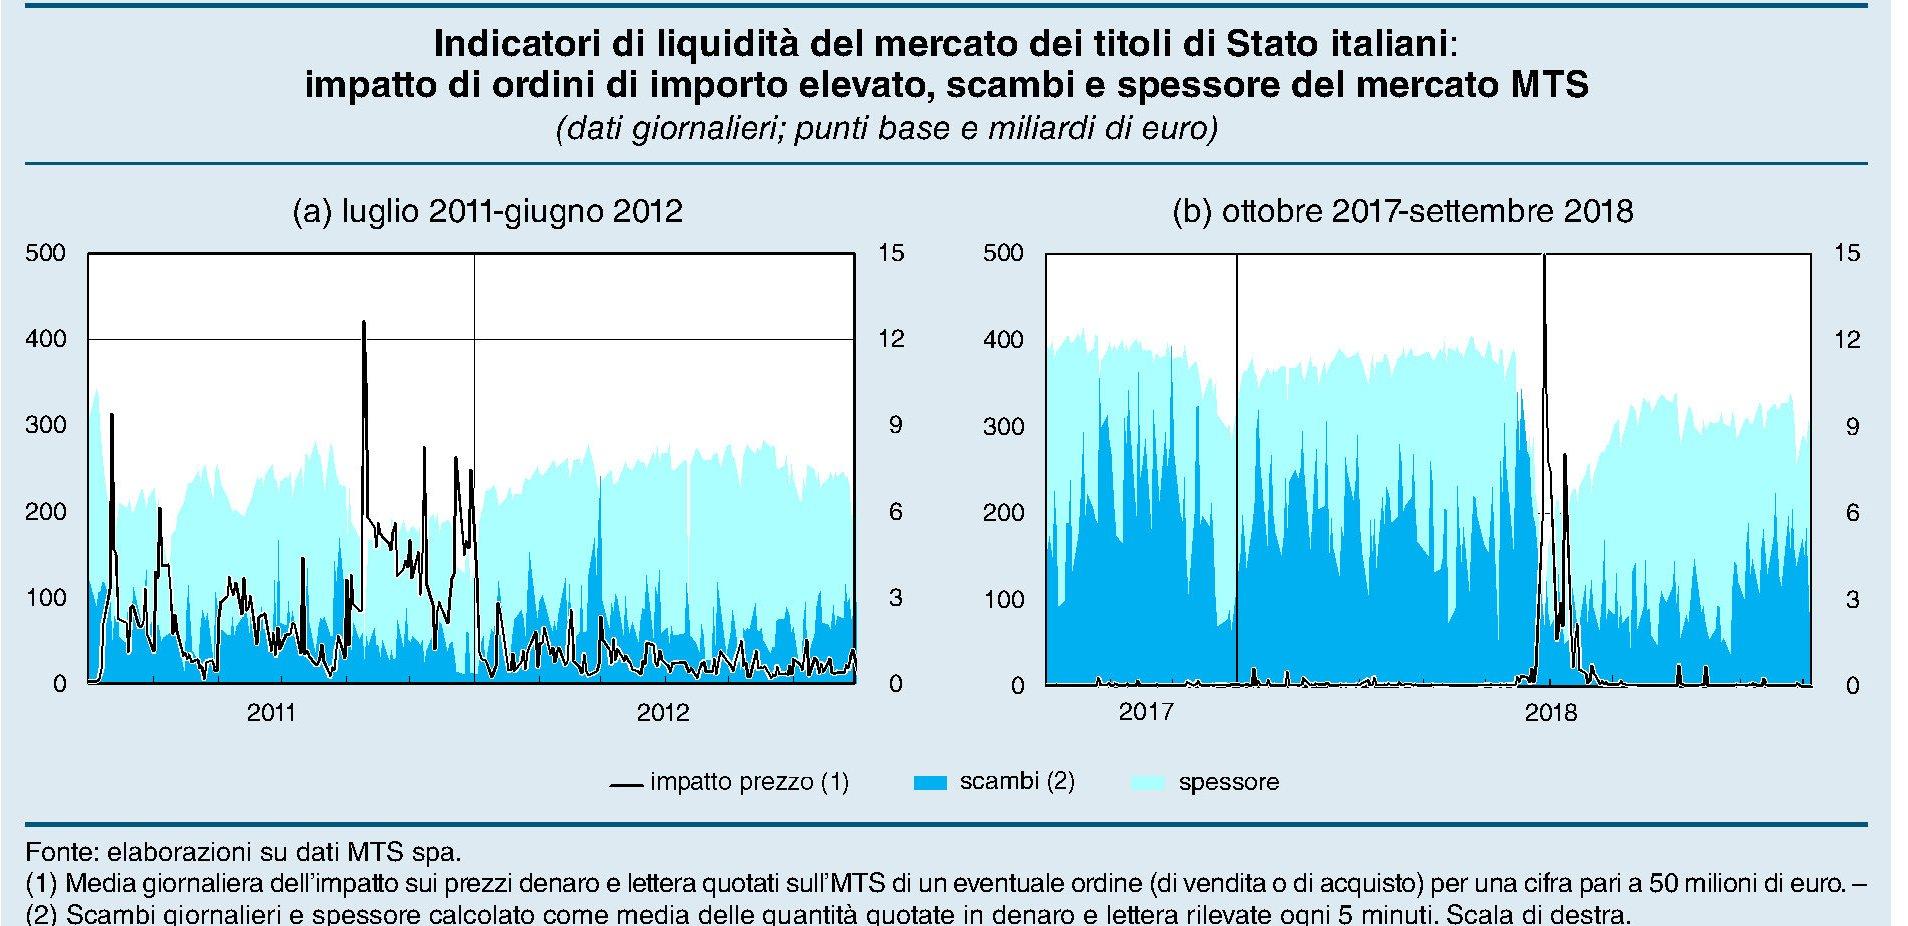 banca-ditalia-rapporto-stabilitc3a0-finanziaria-novembre-2018-indicatori-liquiditc3a0-mts.jpg (1908×926)